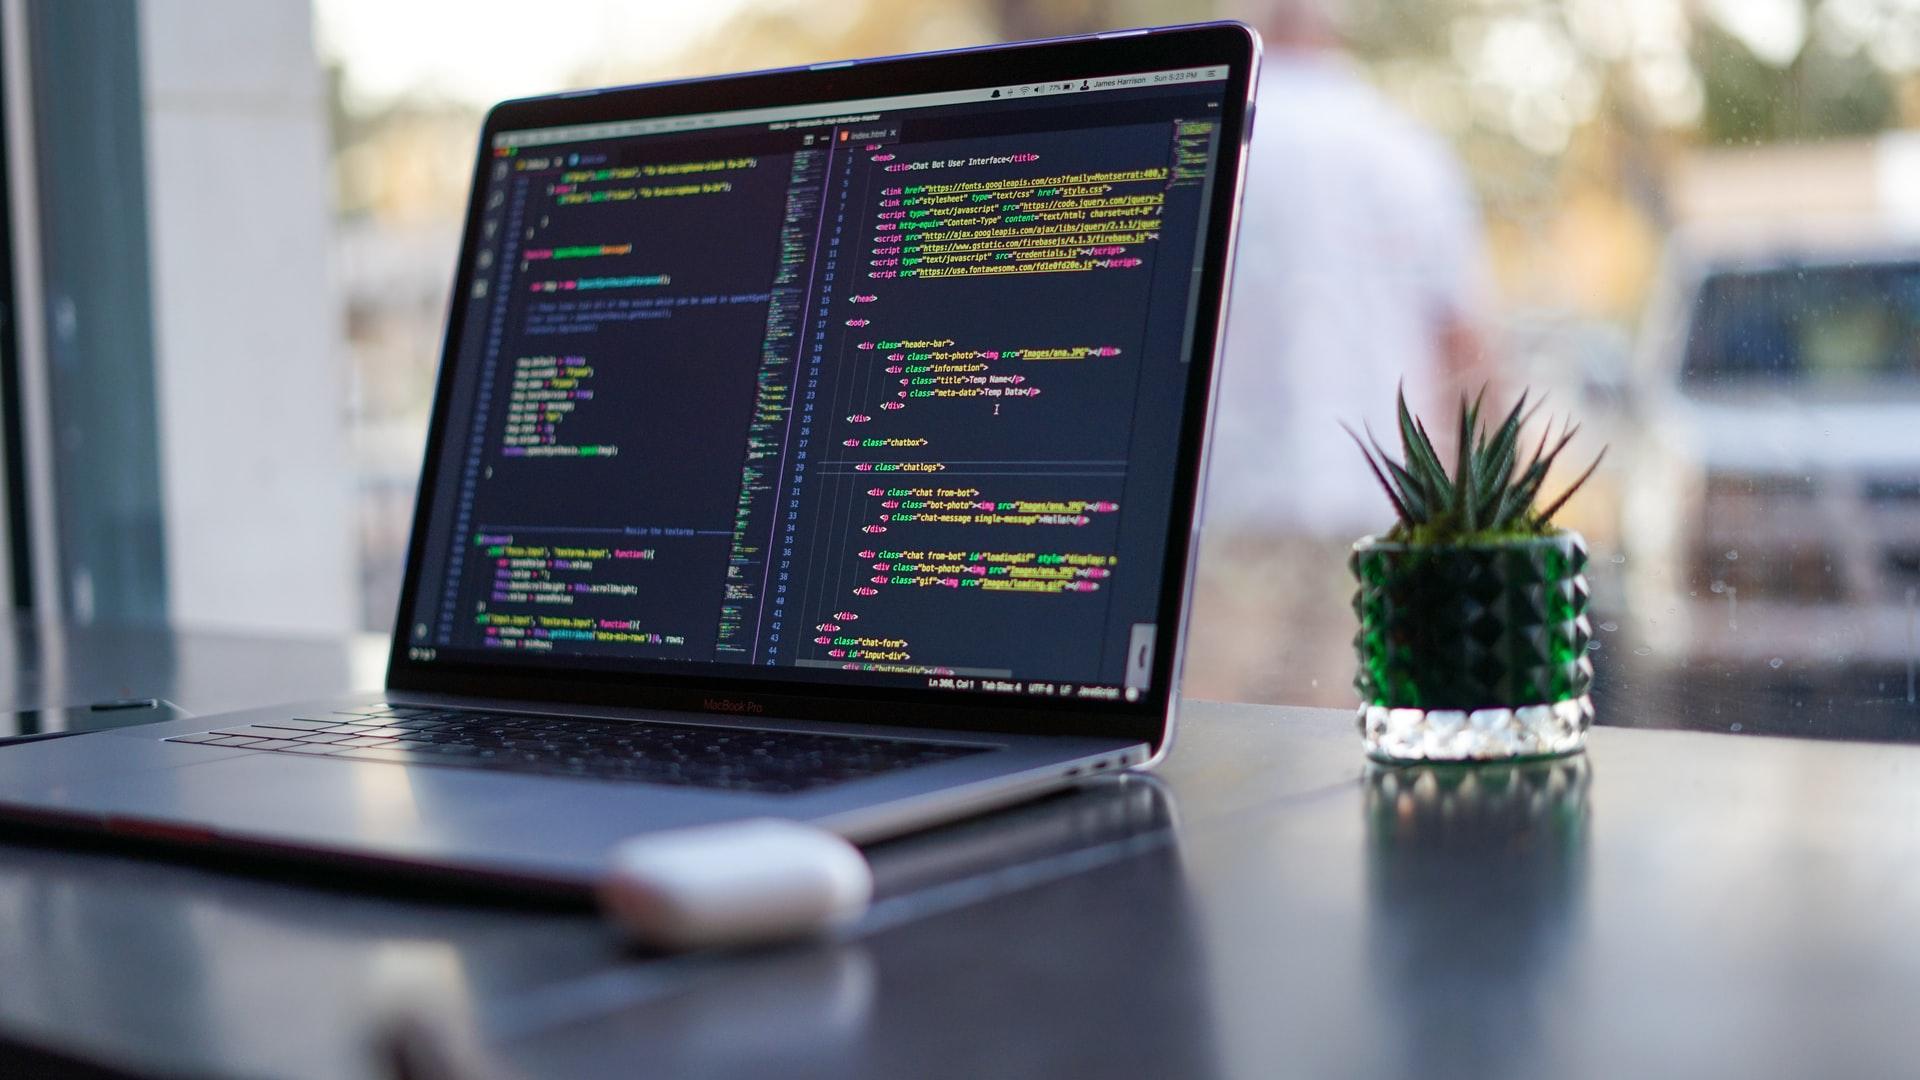 Schreibtisch mit Laptop und Webentwicklung